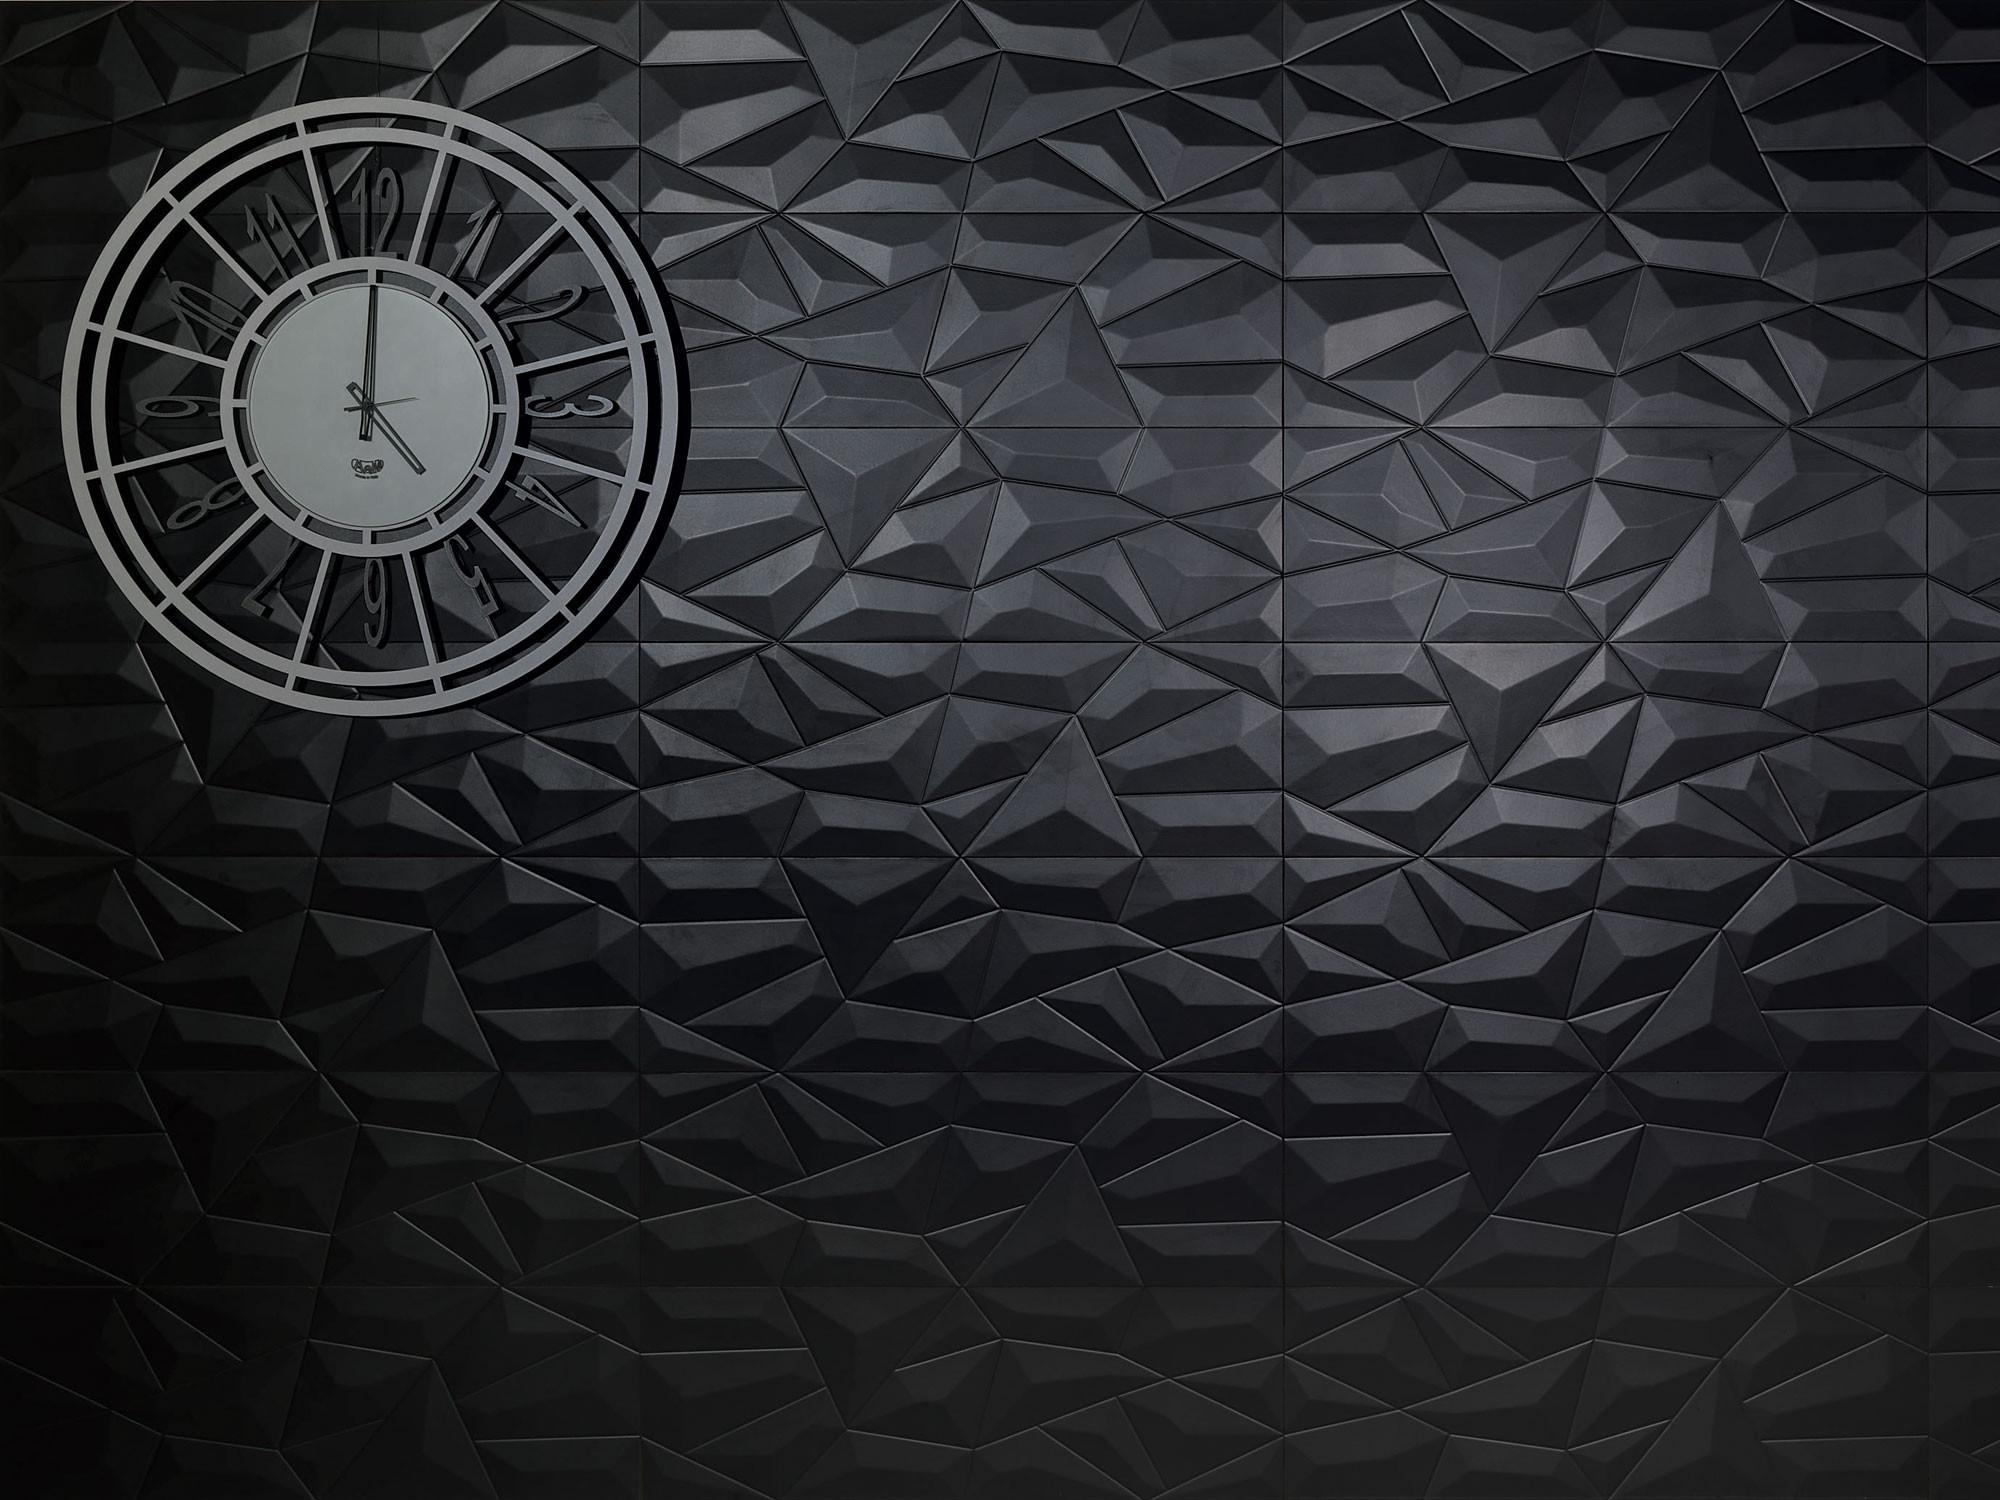 Fliesen Fliesen Und Platten Glossar BaunetzWissen - Unterschied zwischen kacheln und fliesen